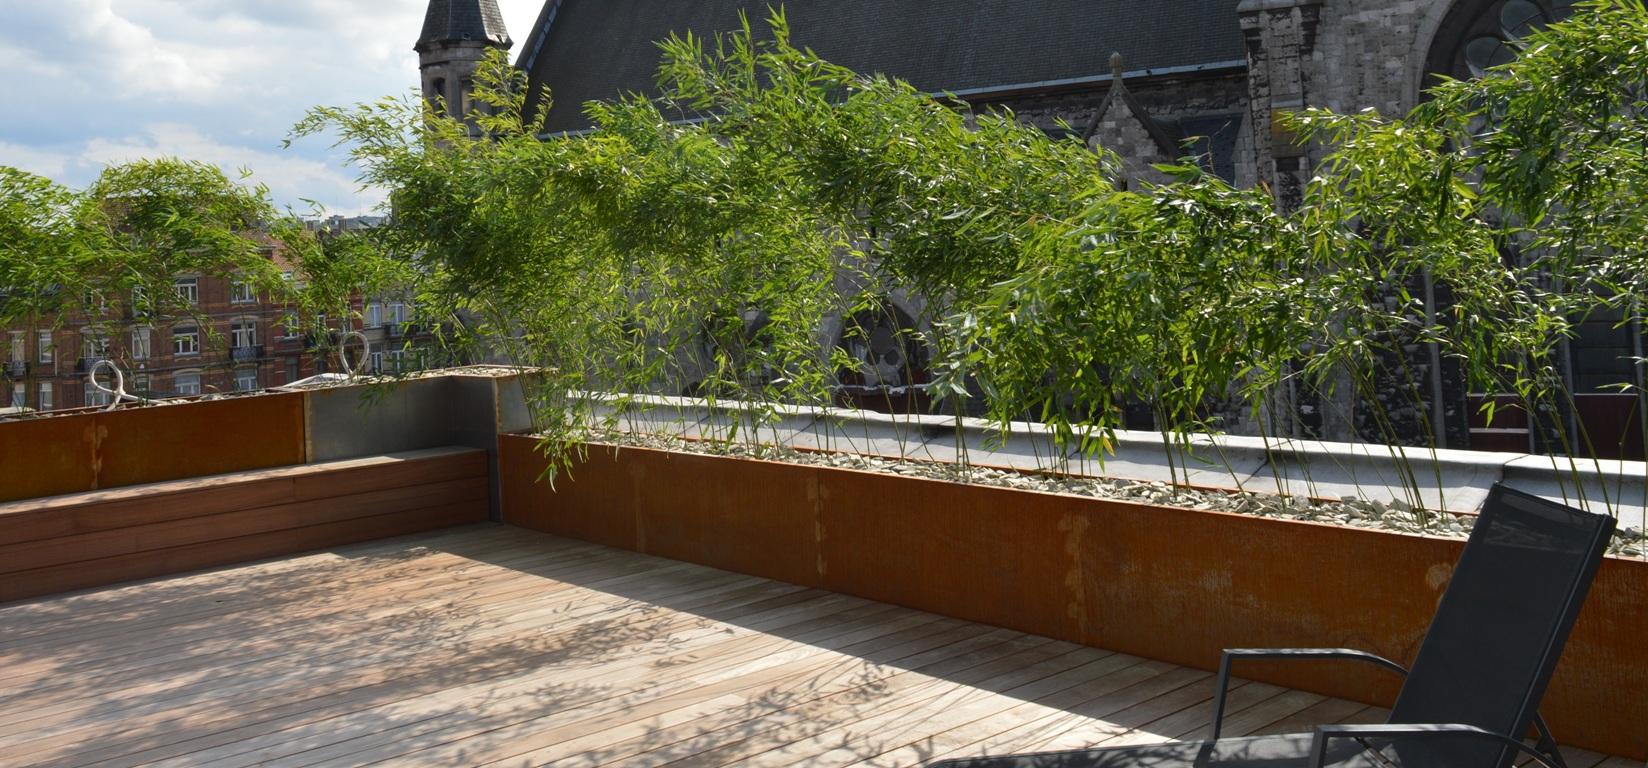 Bering corten 150x50x60, fini brut, pose en ligne, bacs boulonnés sur 2 hauteurs isolant le toit-terrasse de la place de l'église